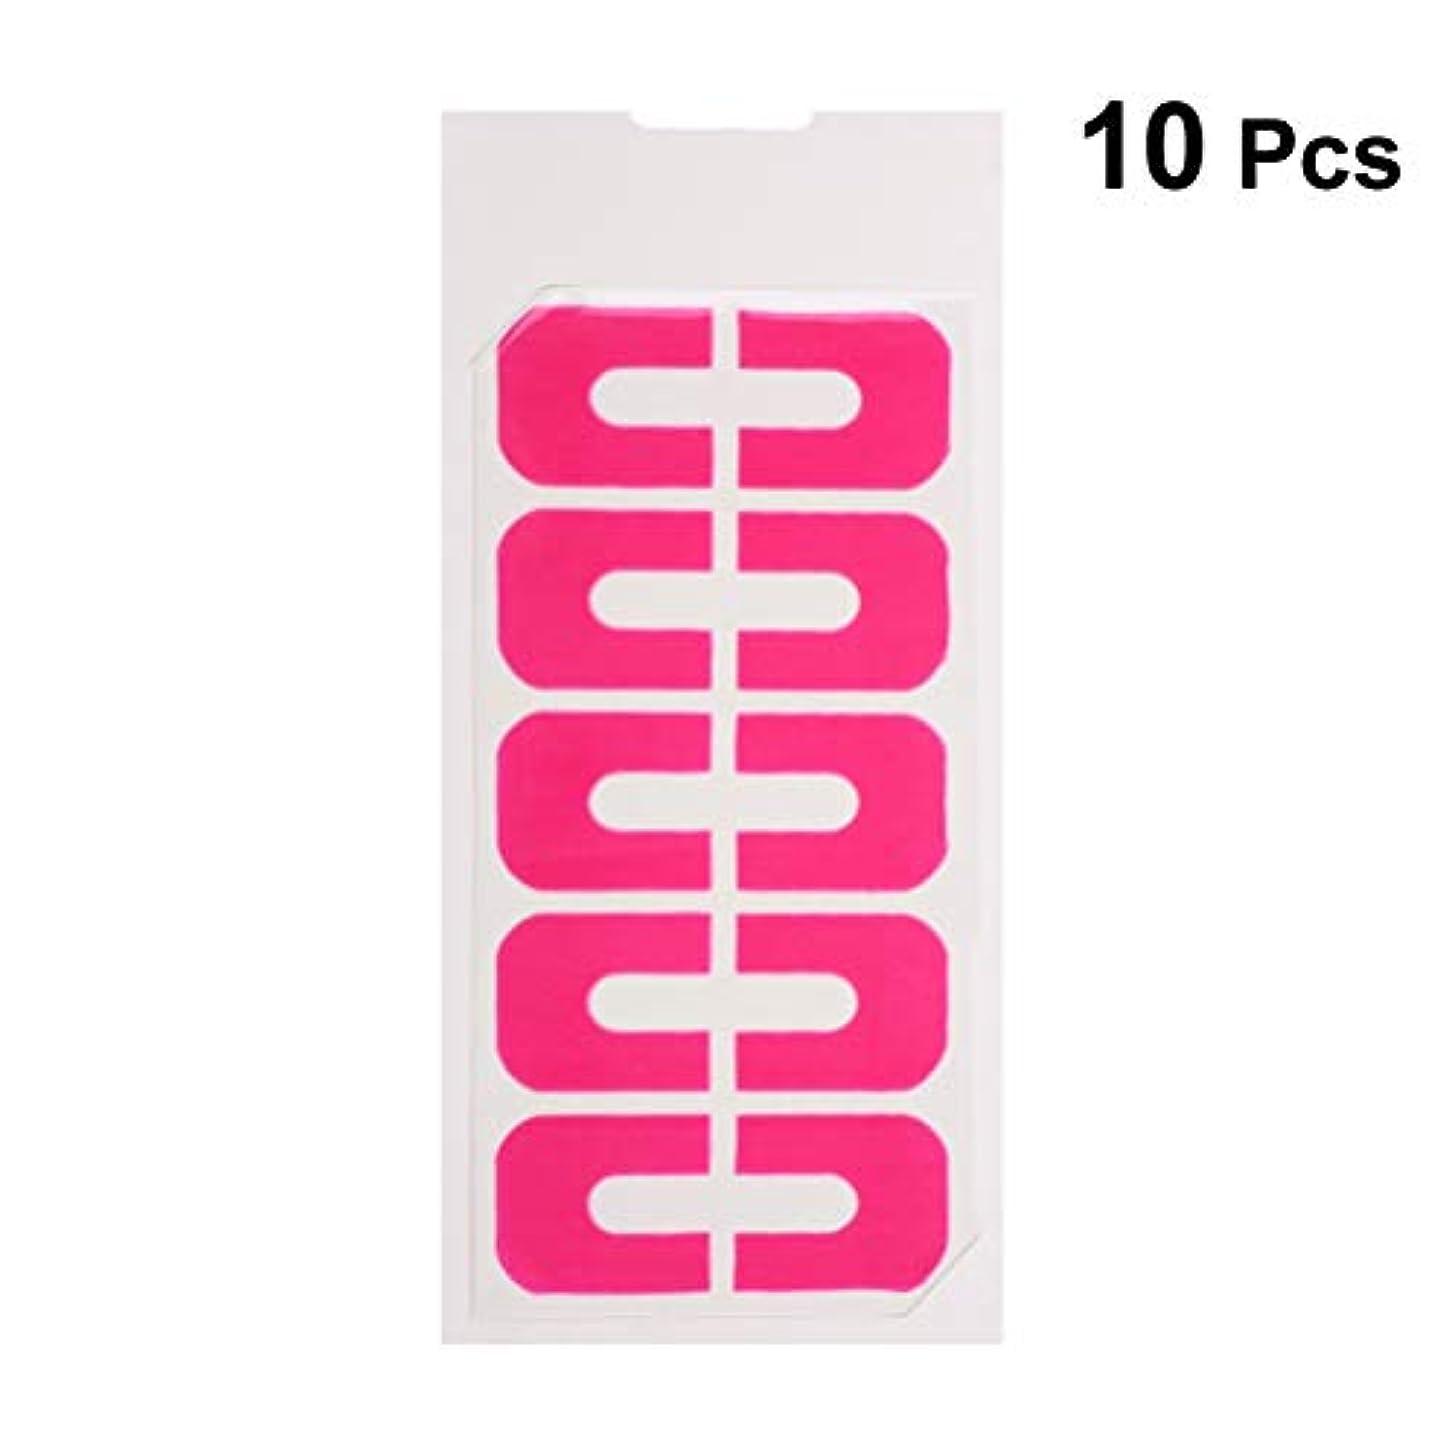 明確なゴシップ収束するLurrose ネイルポリッシュプロテクターステッカーネイルアートキューティクルガードスキンバリアプロテクタージェルネイルチップ10枚